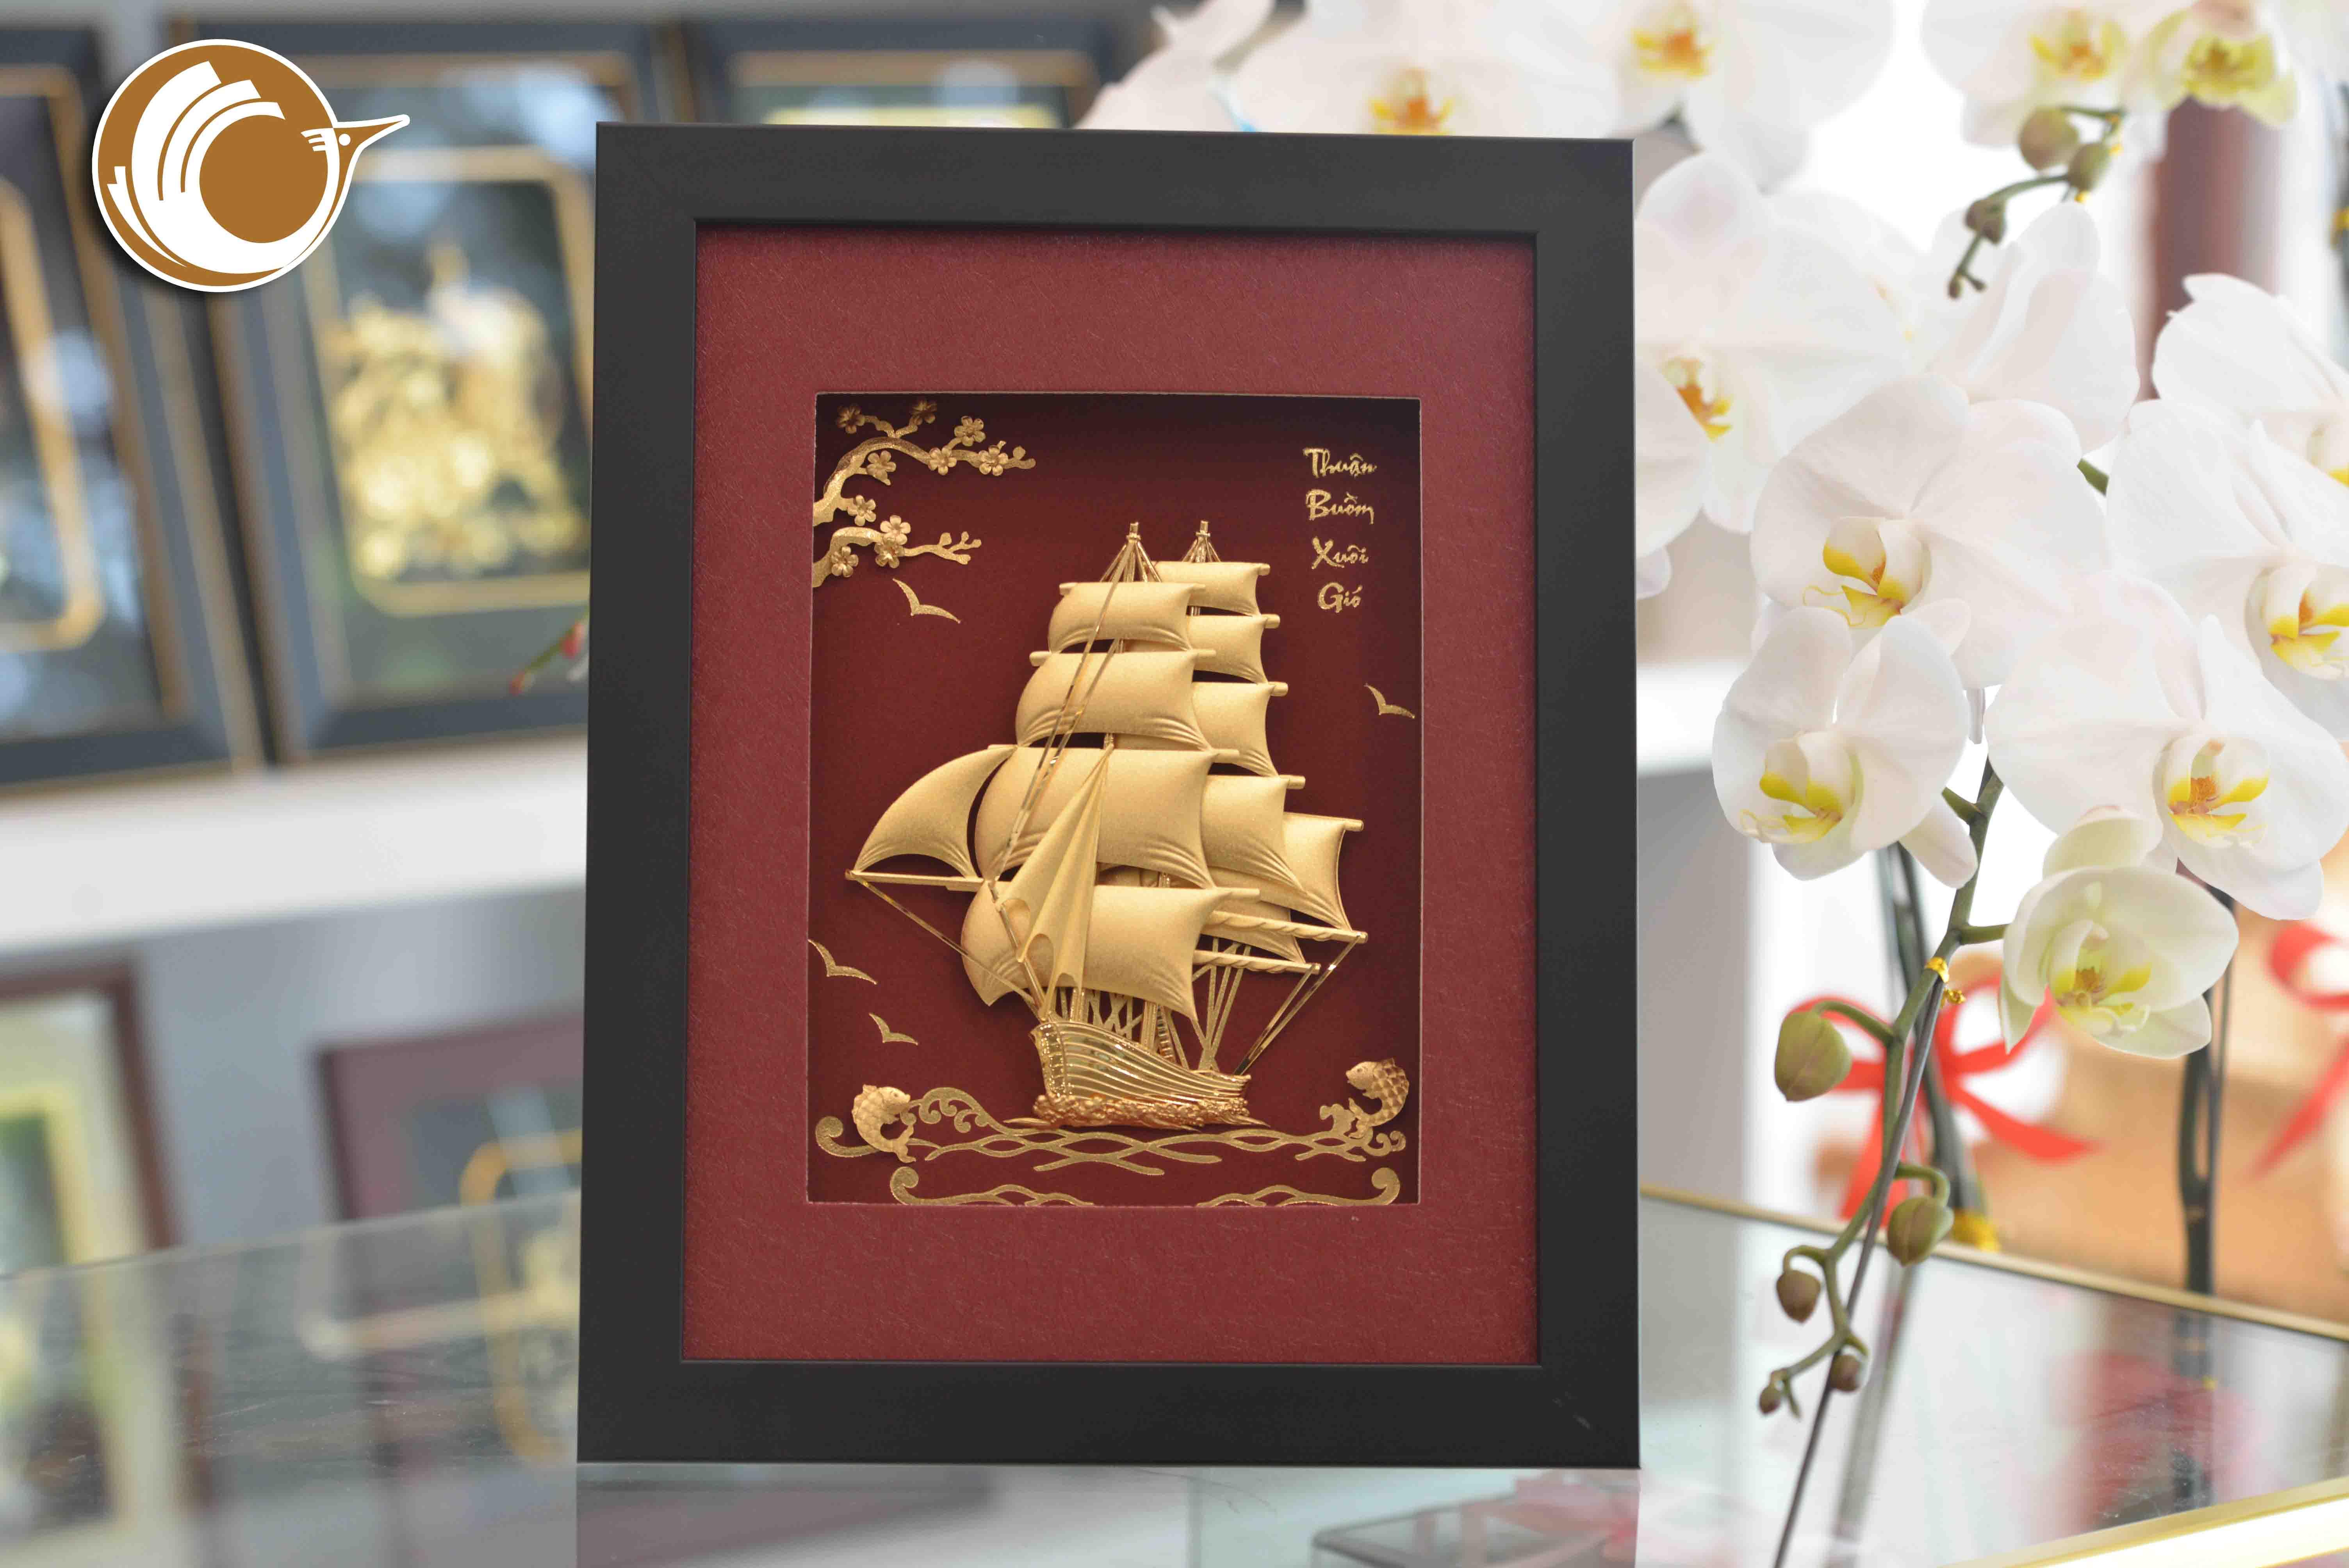 Quà tặng tranh thuyền buồm vàng lá 24k- quà tặng doanh nghiệp ý nghĩa0